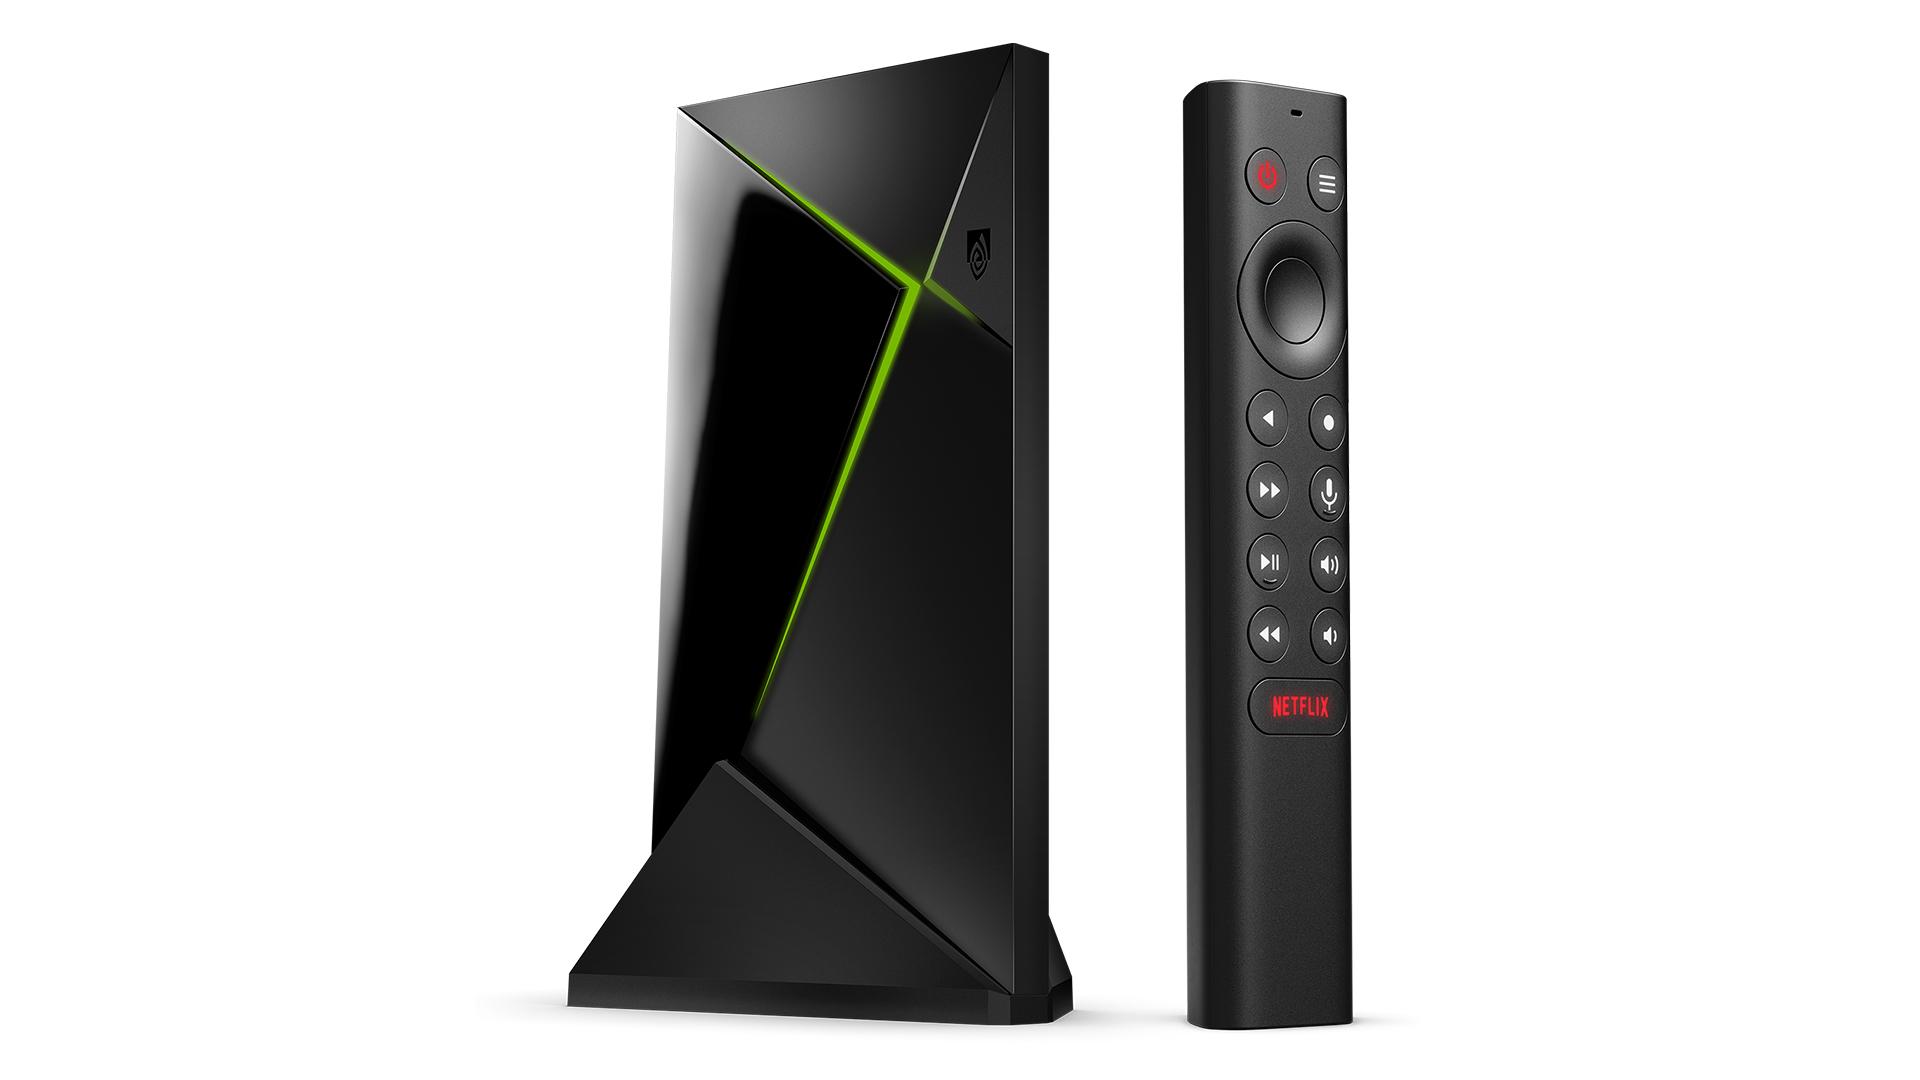 NVIDIA SHIELD TV Pro 4K HDR Streaming Media Player - $199 - Back in stock